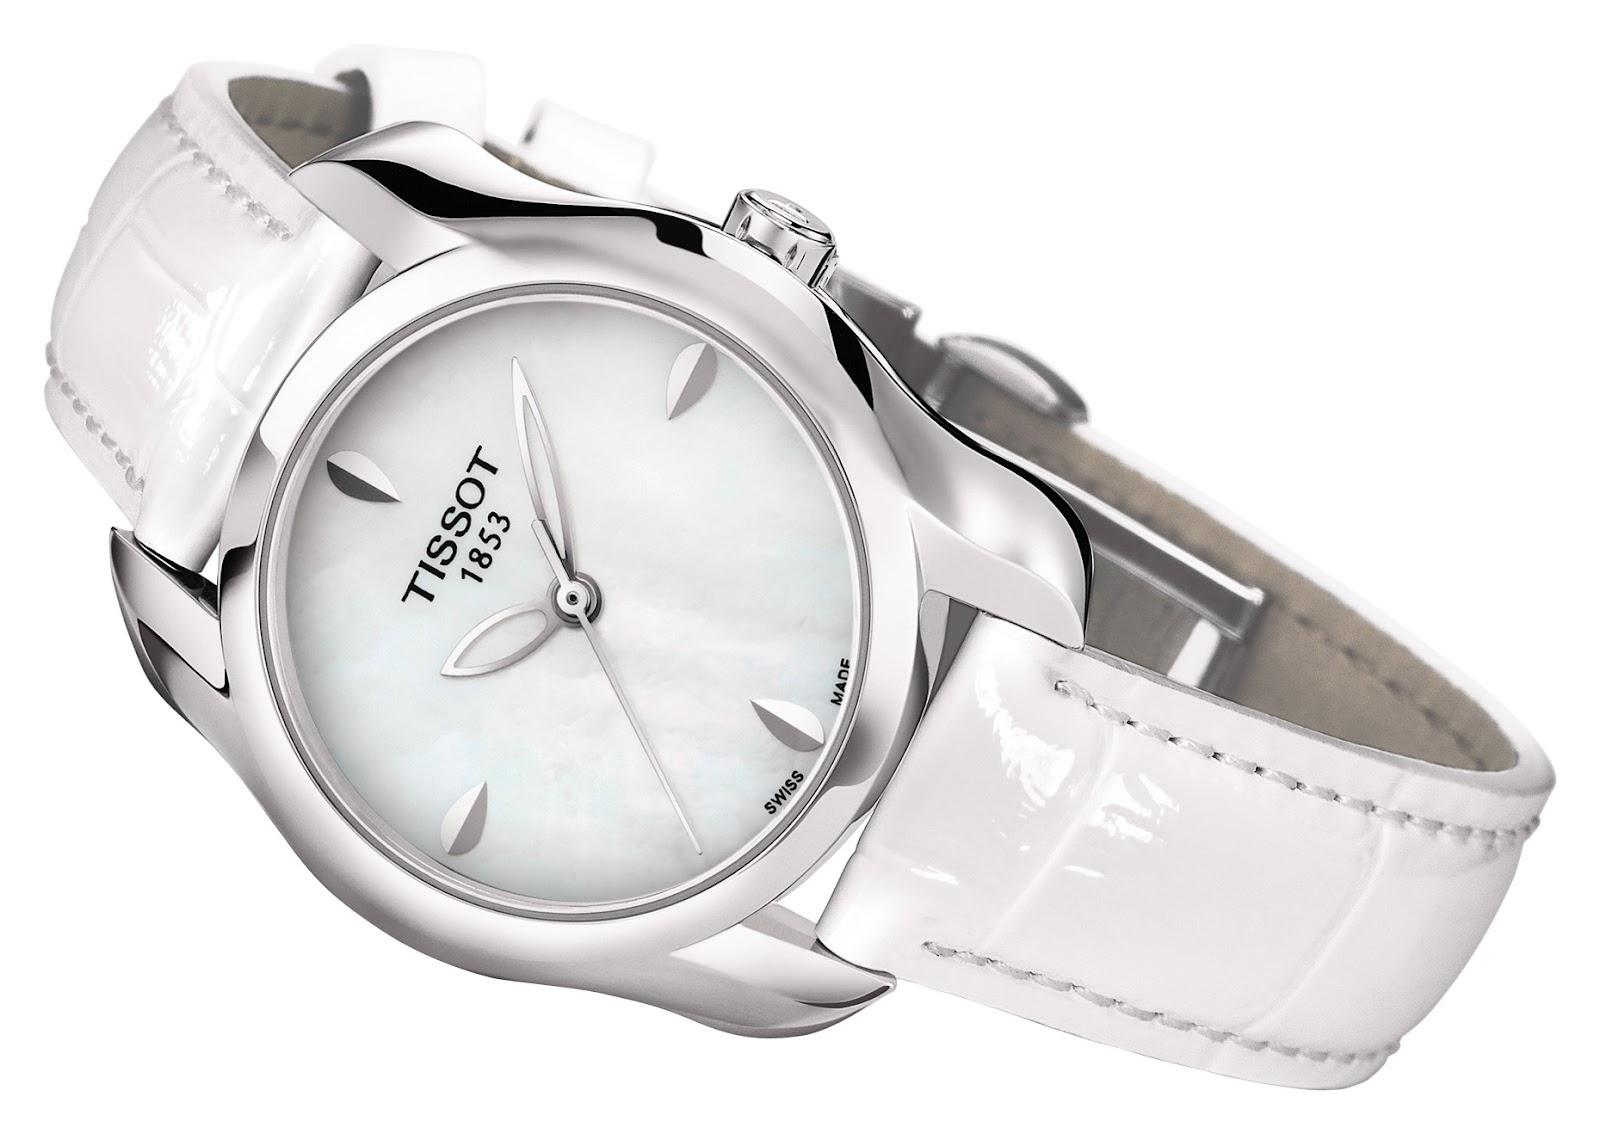 81b7fcbd757 Estação Cronográfica  Sugestão relógios Tissot para o Dia da Mãe